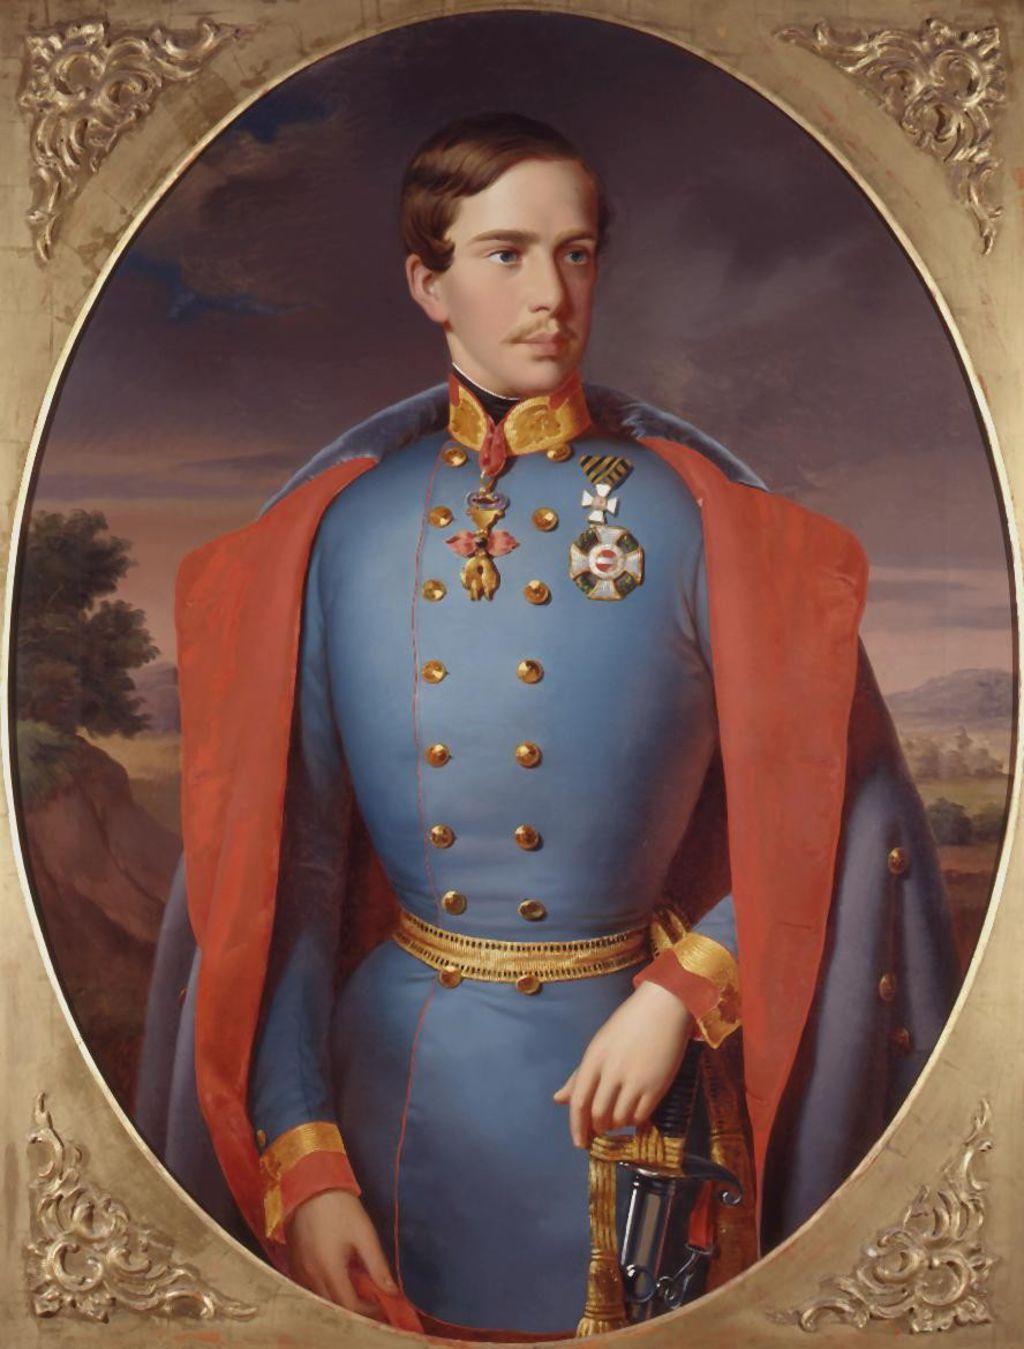 könig österreich